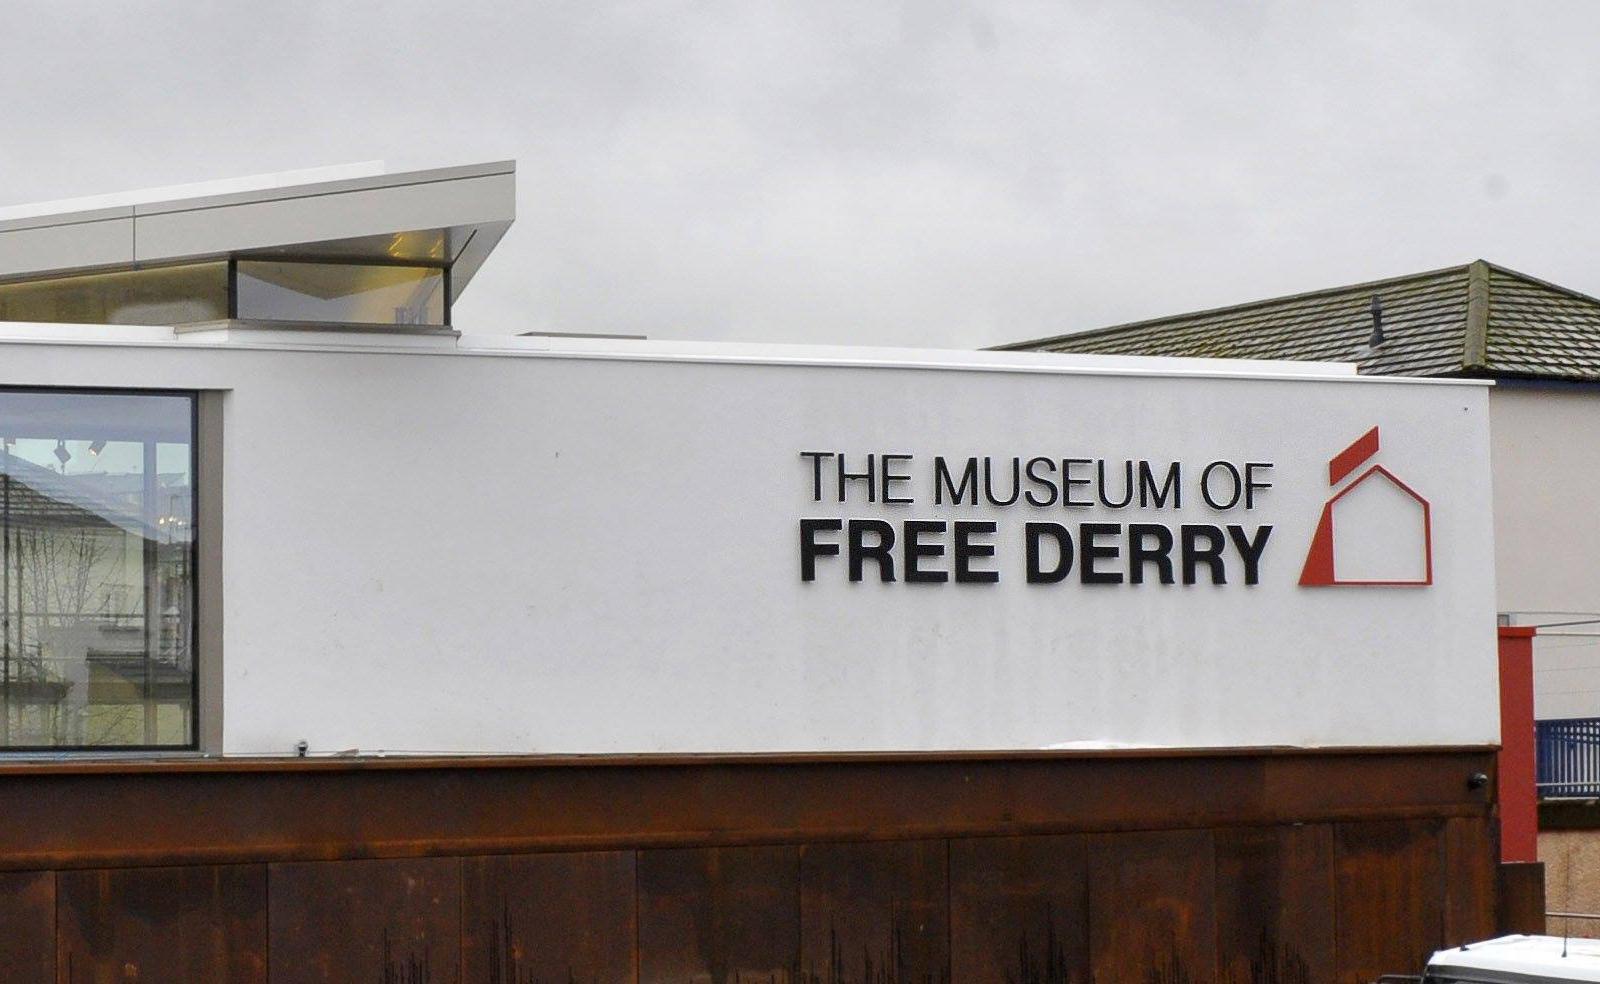 free_derry_notext